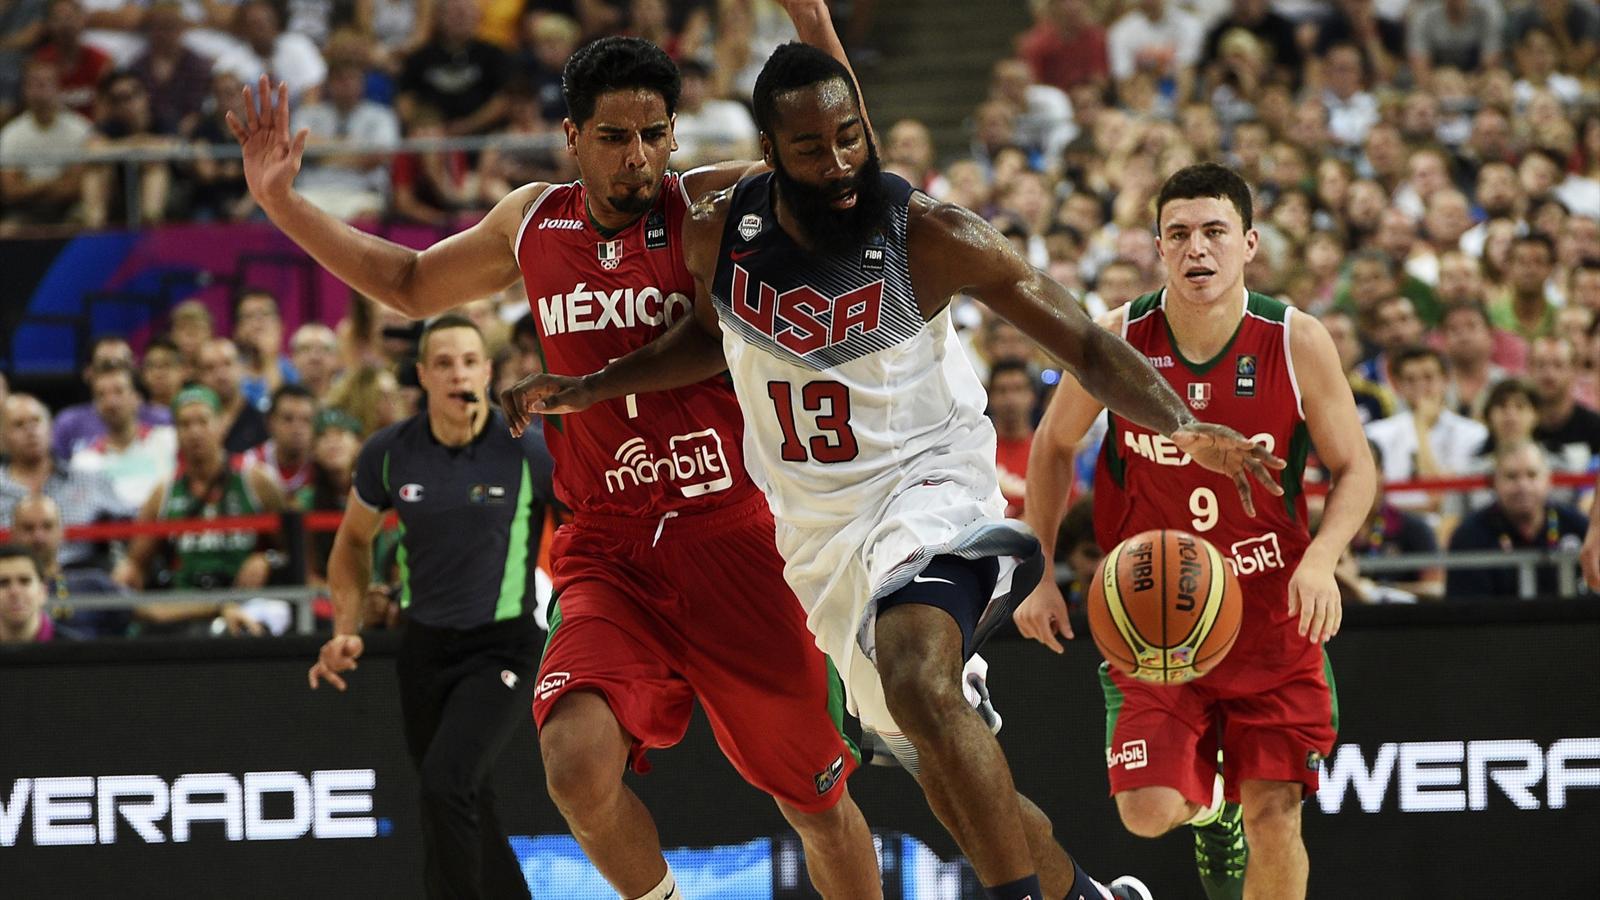 Coupe du monde les etats unis crasent le mexique 86 63 et filent en quart de finale - Coupe du monde etats unis ...